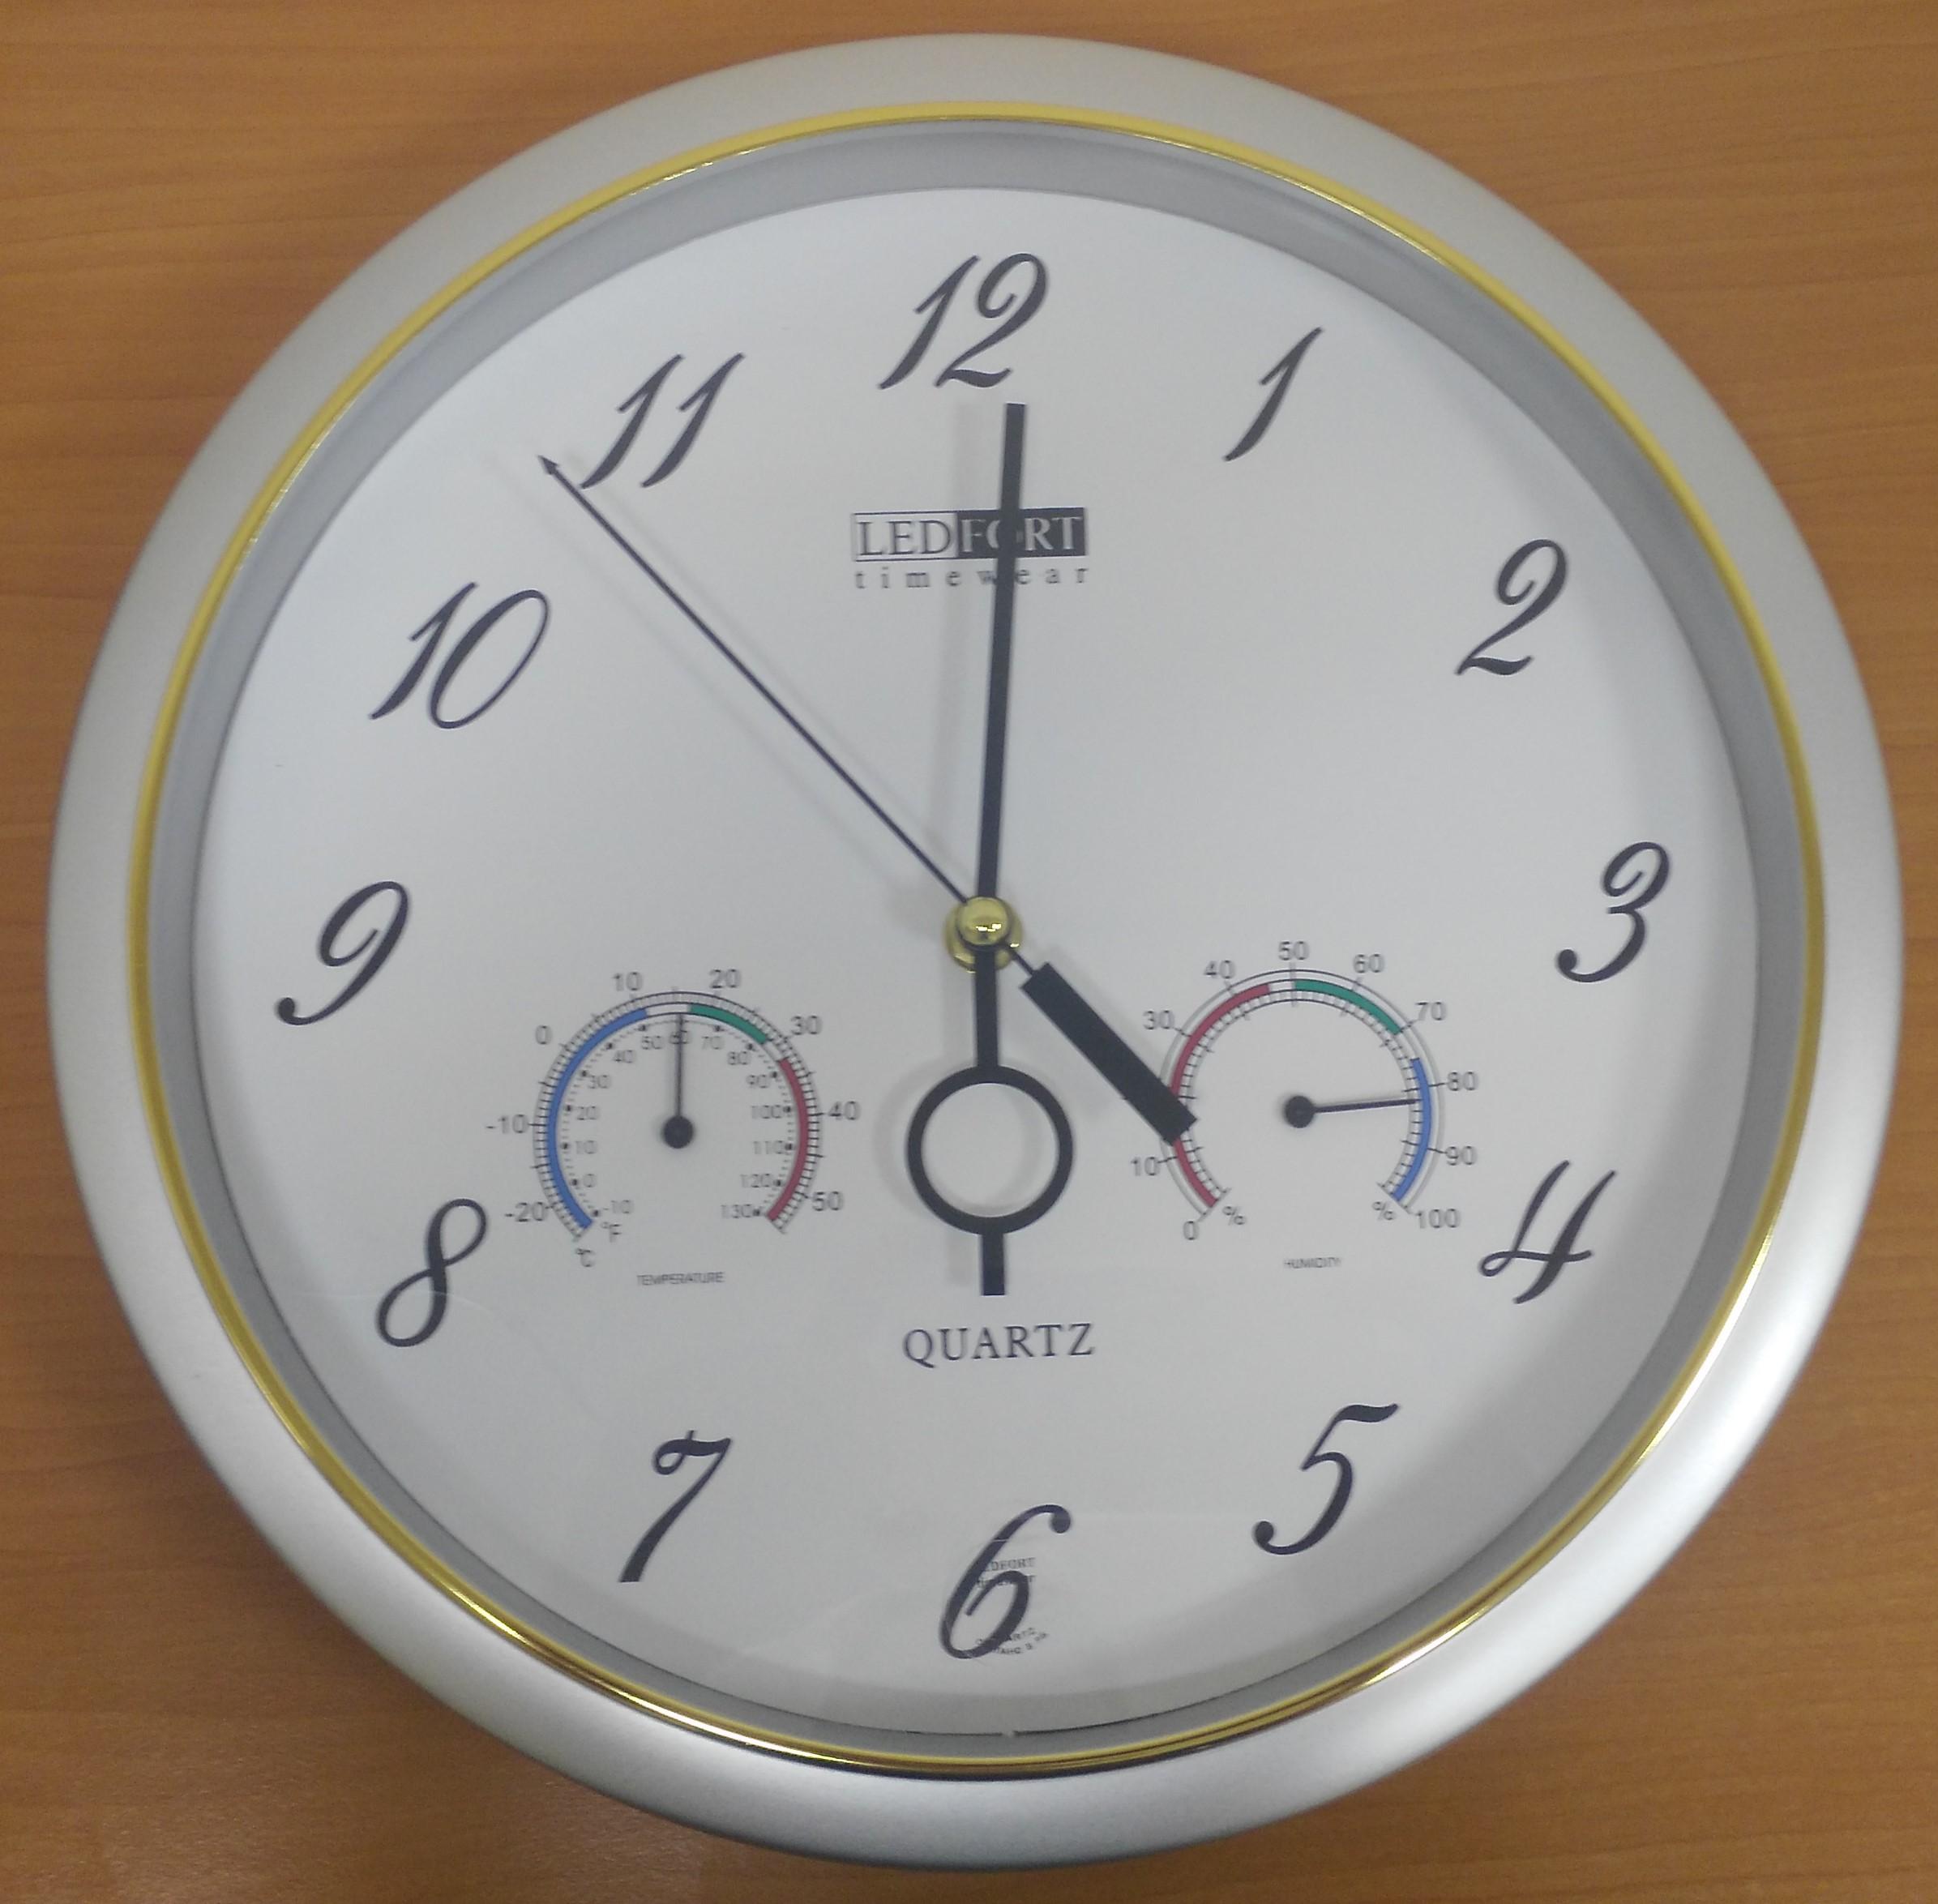 Наручные часы Ledfort, купить часы Ледфорт